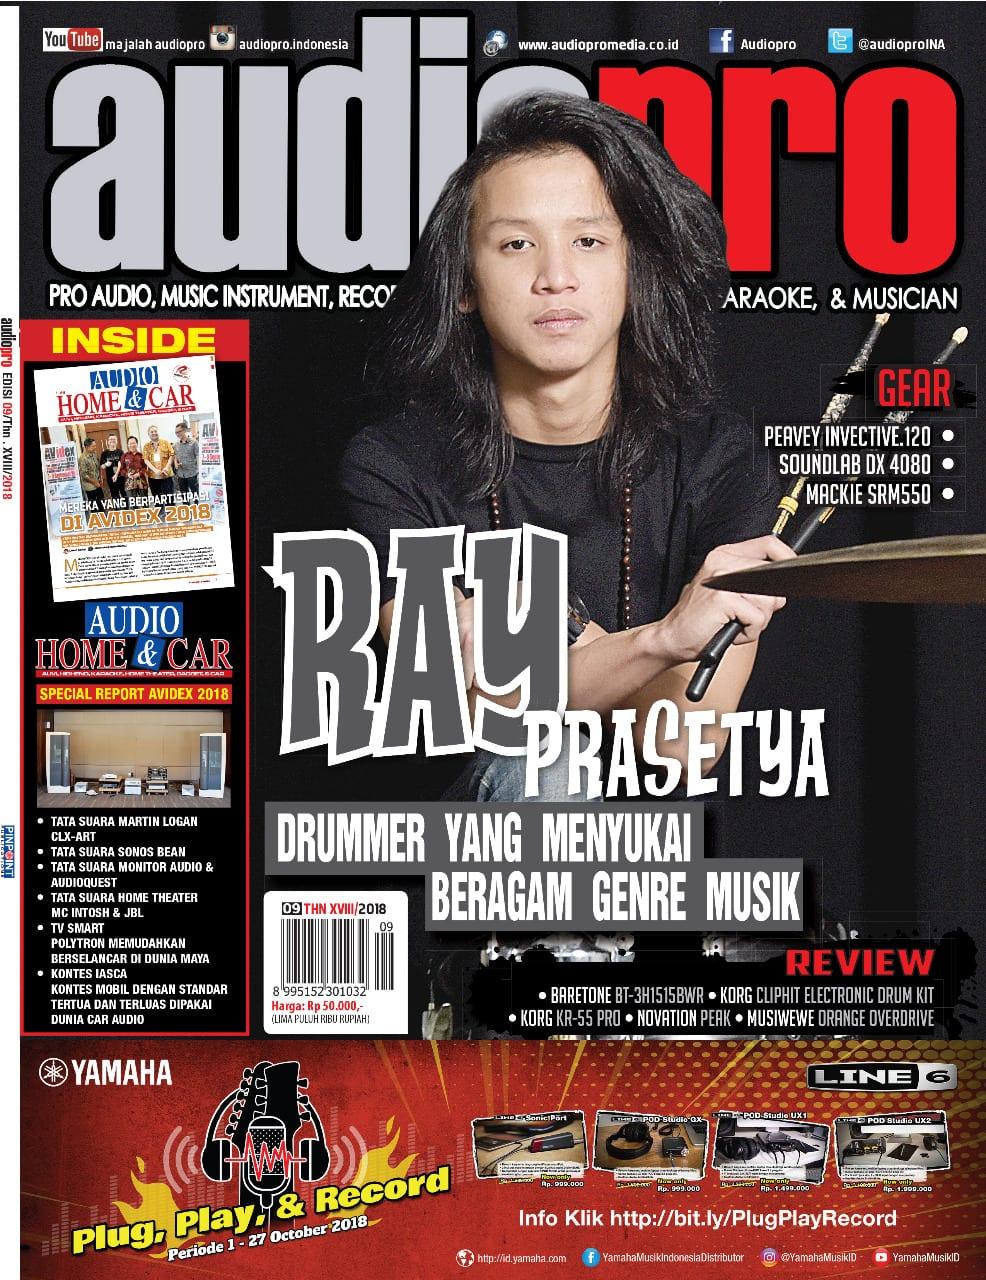 UPDATE TERBARU COVER MAJALAH AUDIOPRO EDISI 09 2018